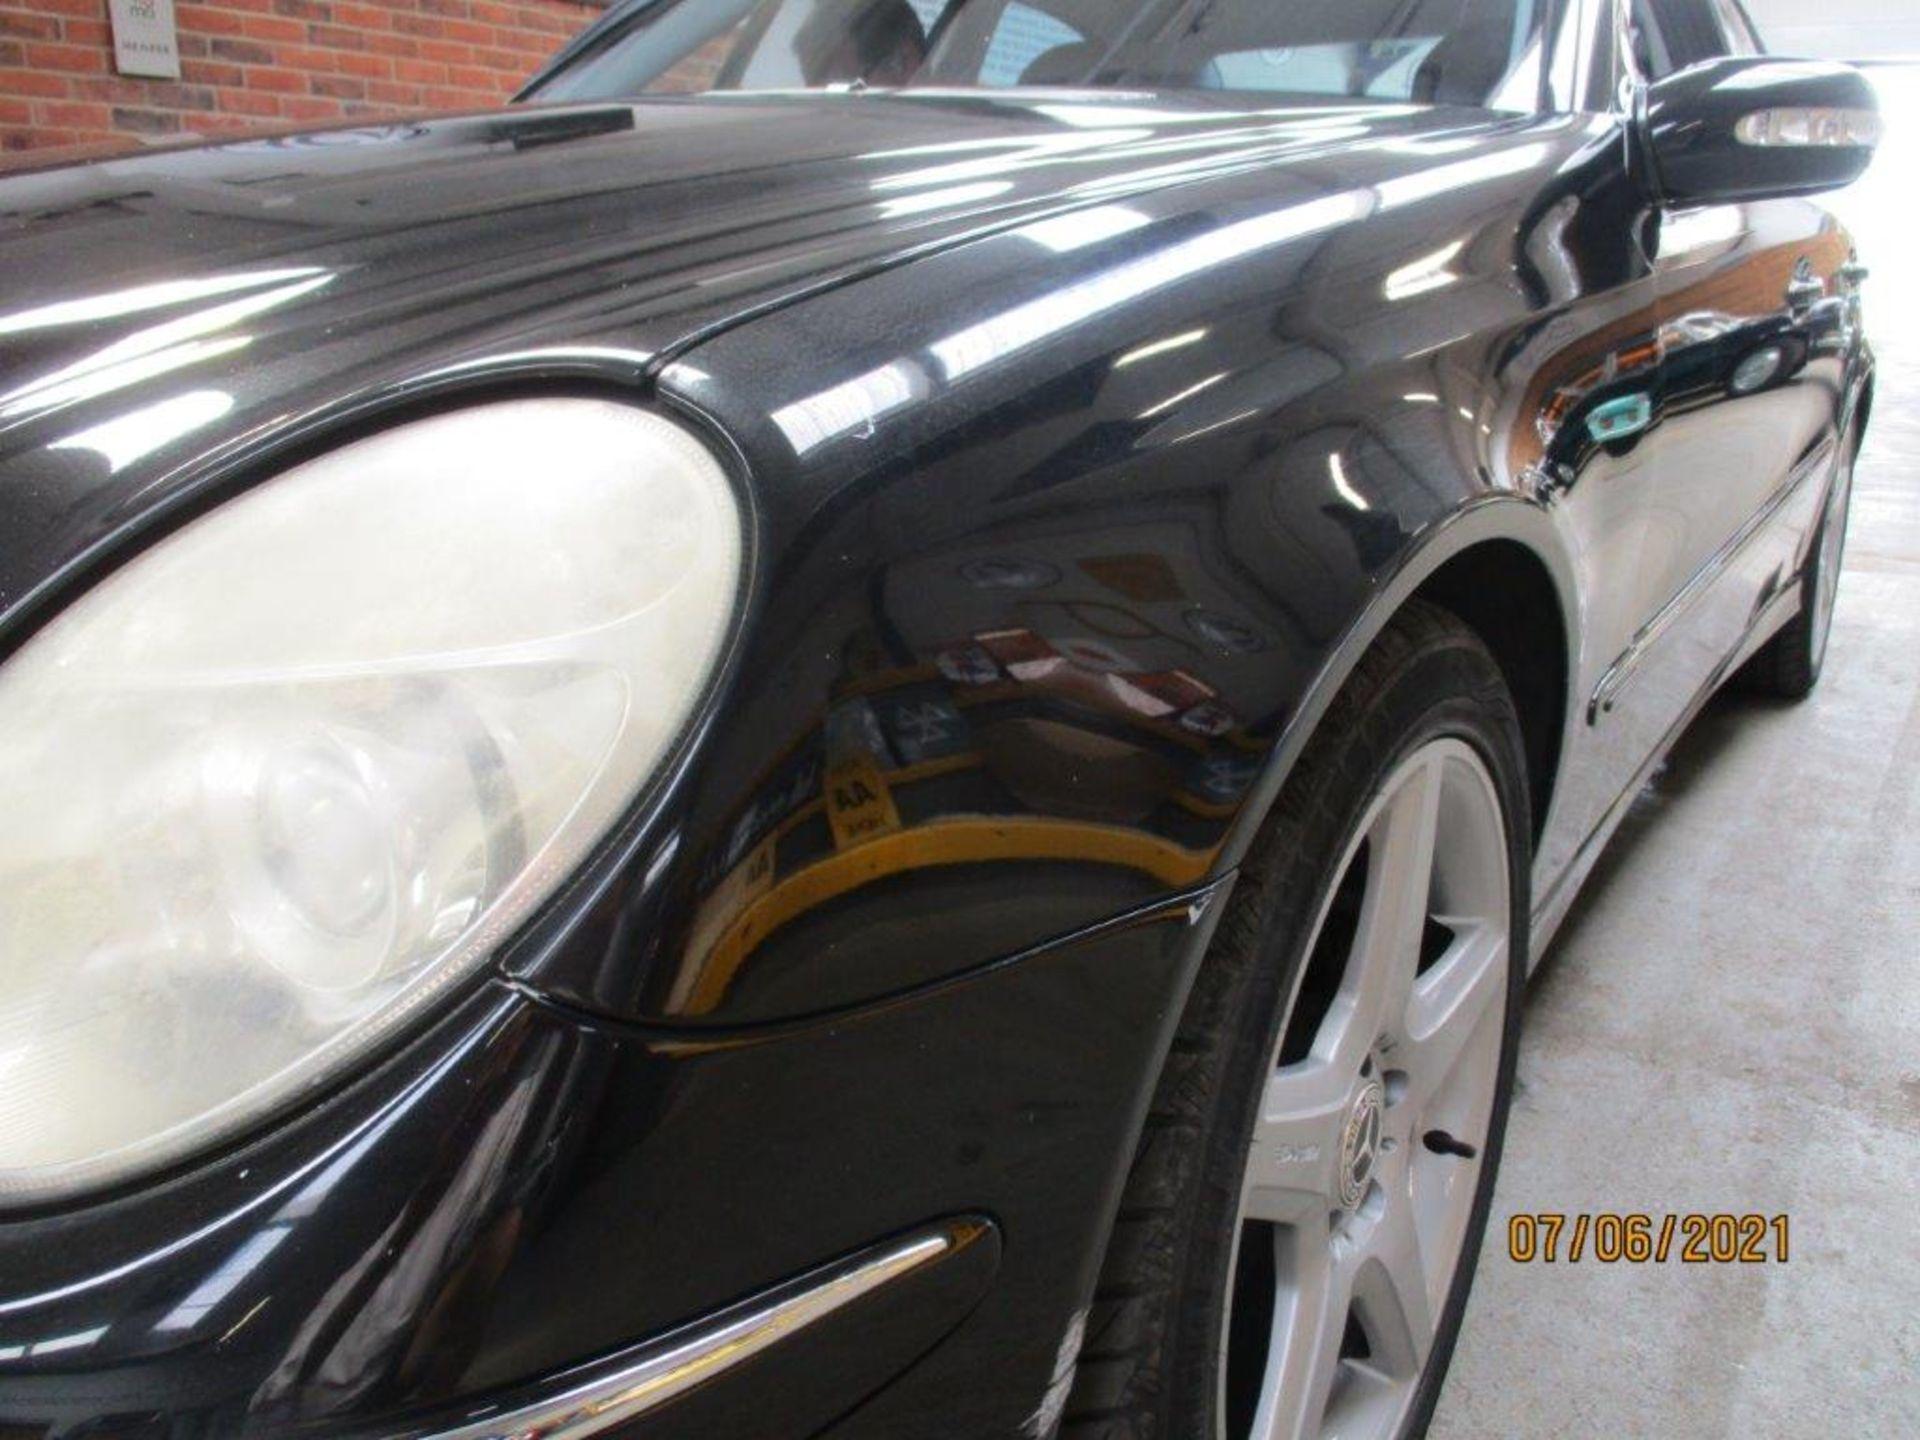 55 05 Mercedes E320 CDI Avantagarde - Image 7 of 19